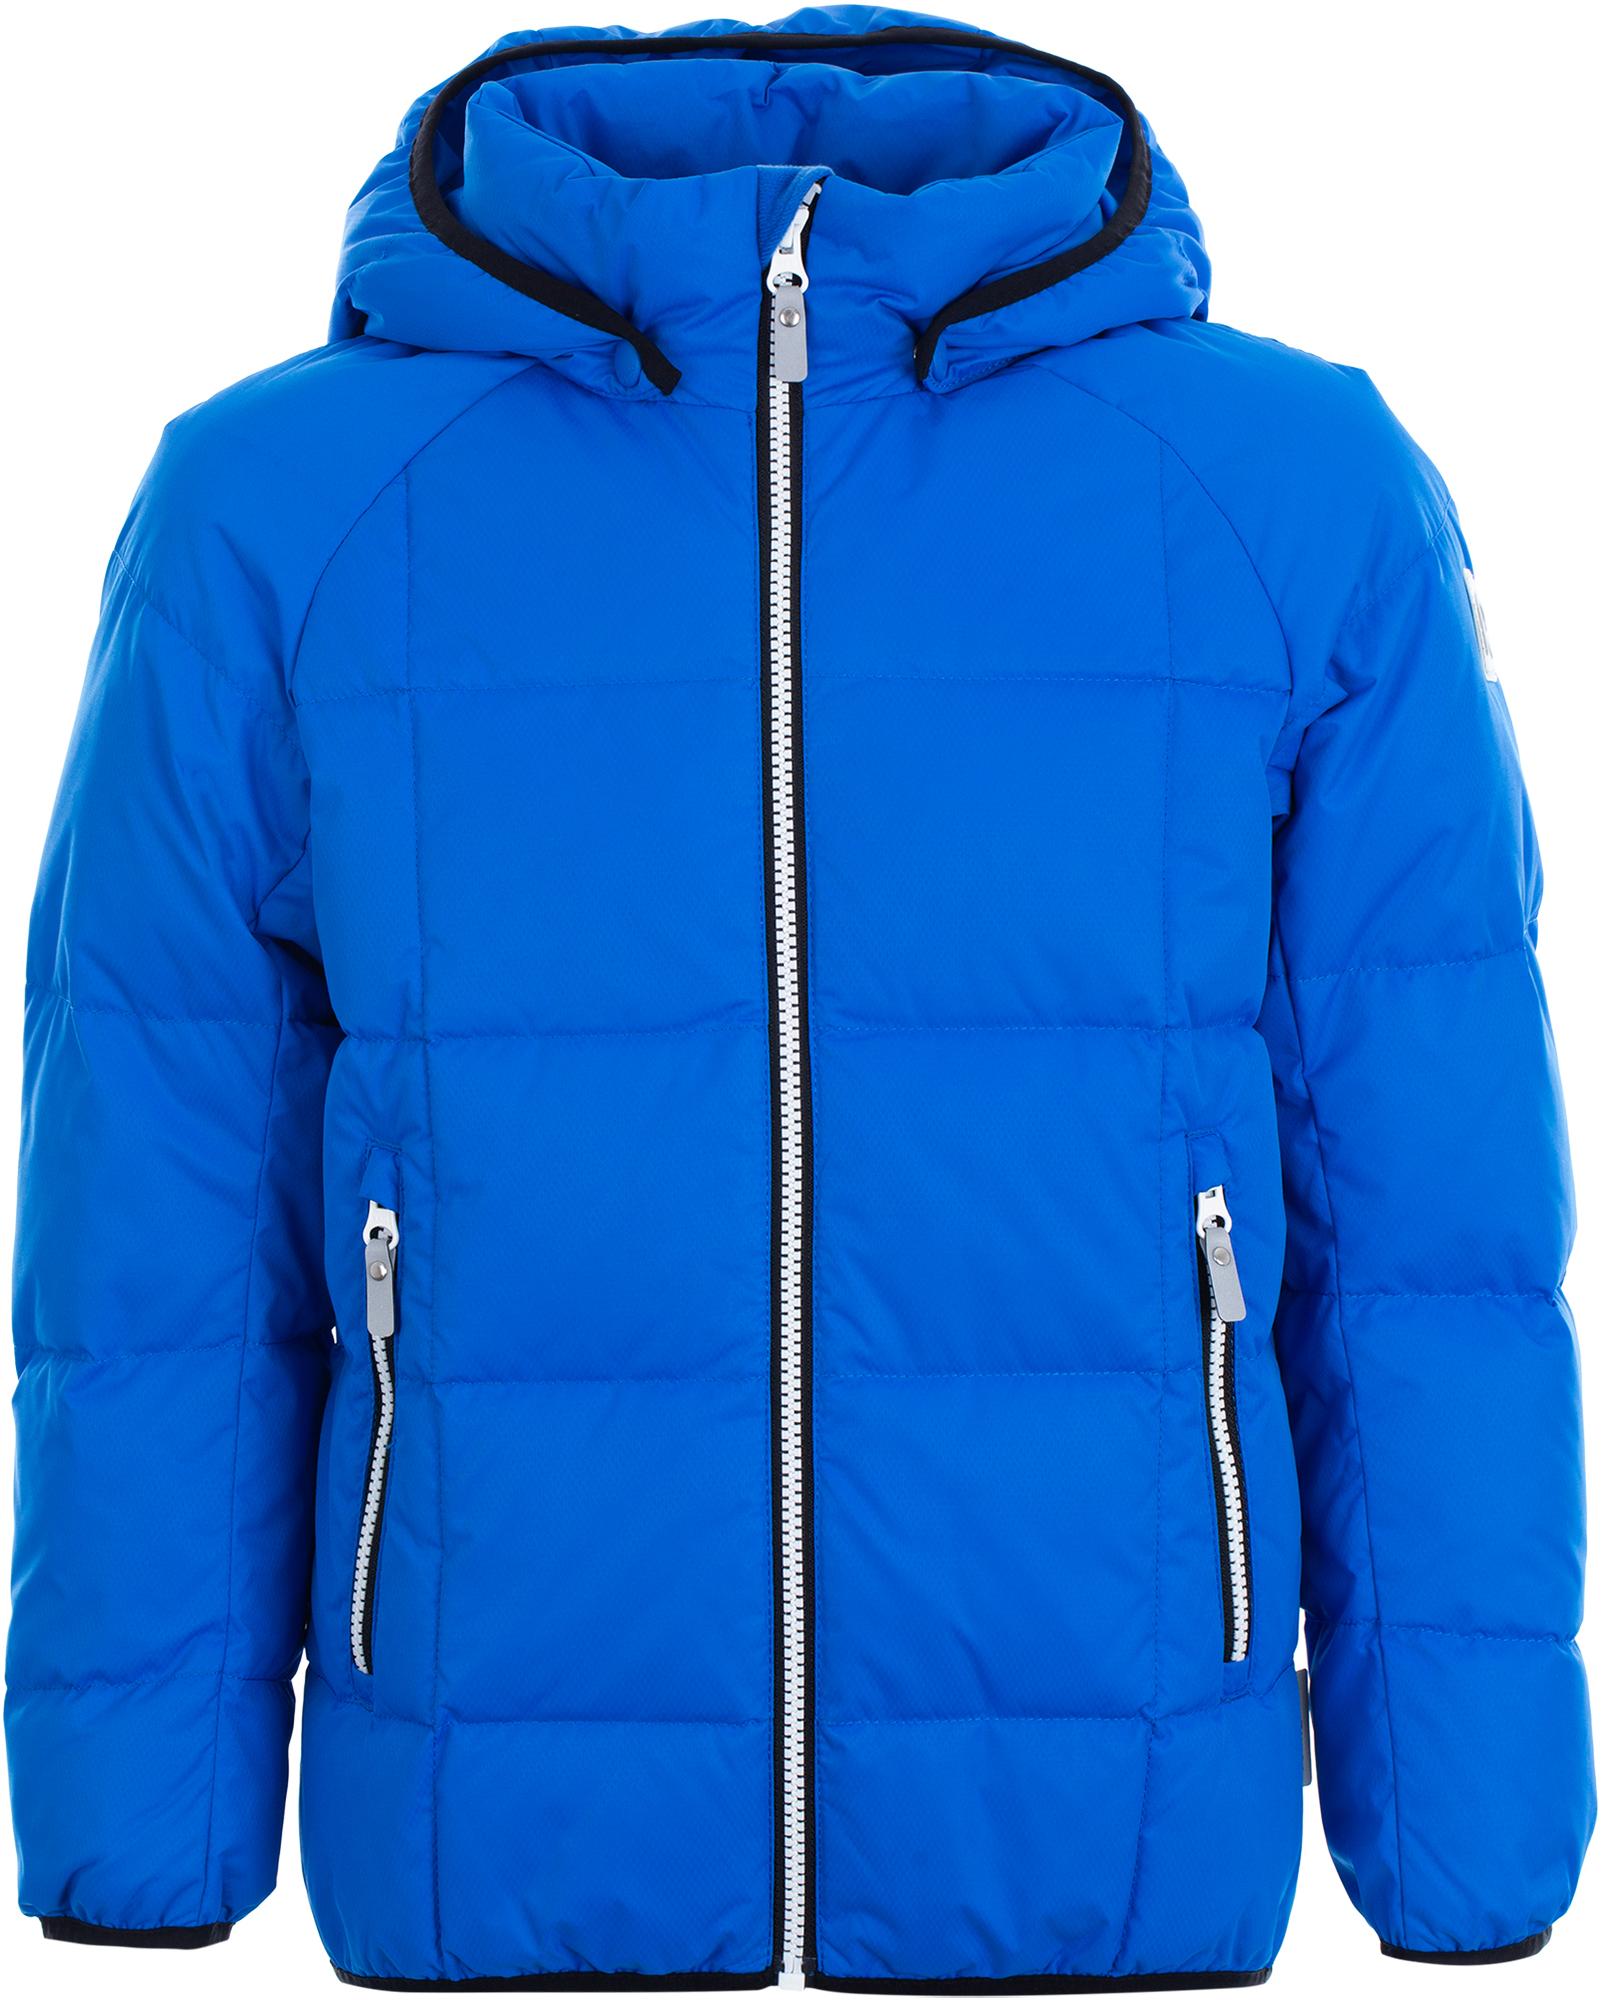 Reima Куртка пуховая для мальчиков Jord, размер 146